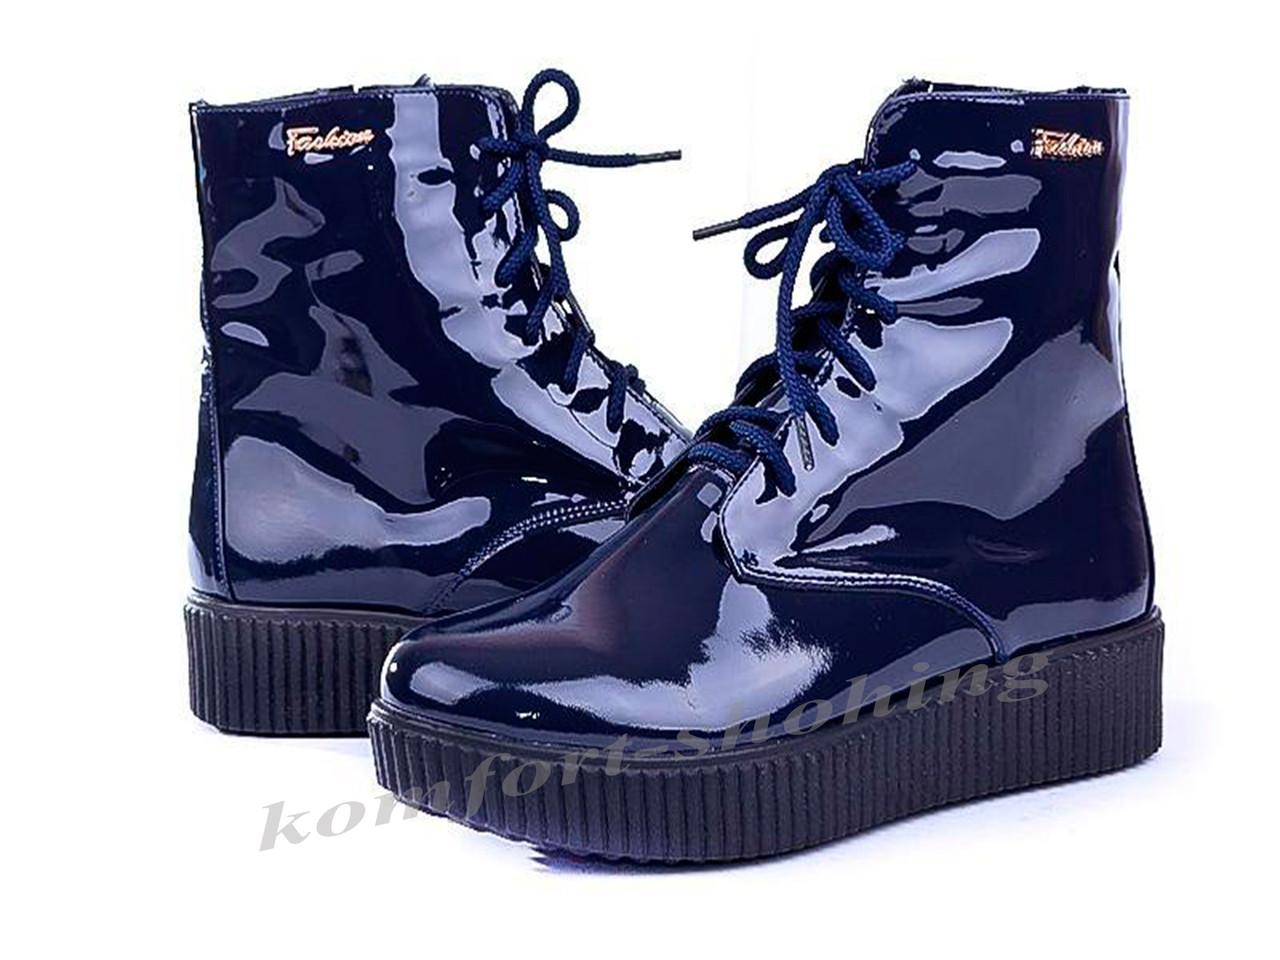 Ботинки женские лаковые синие на шнурках V 880